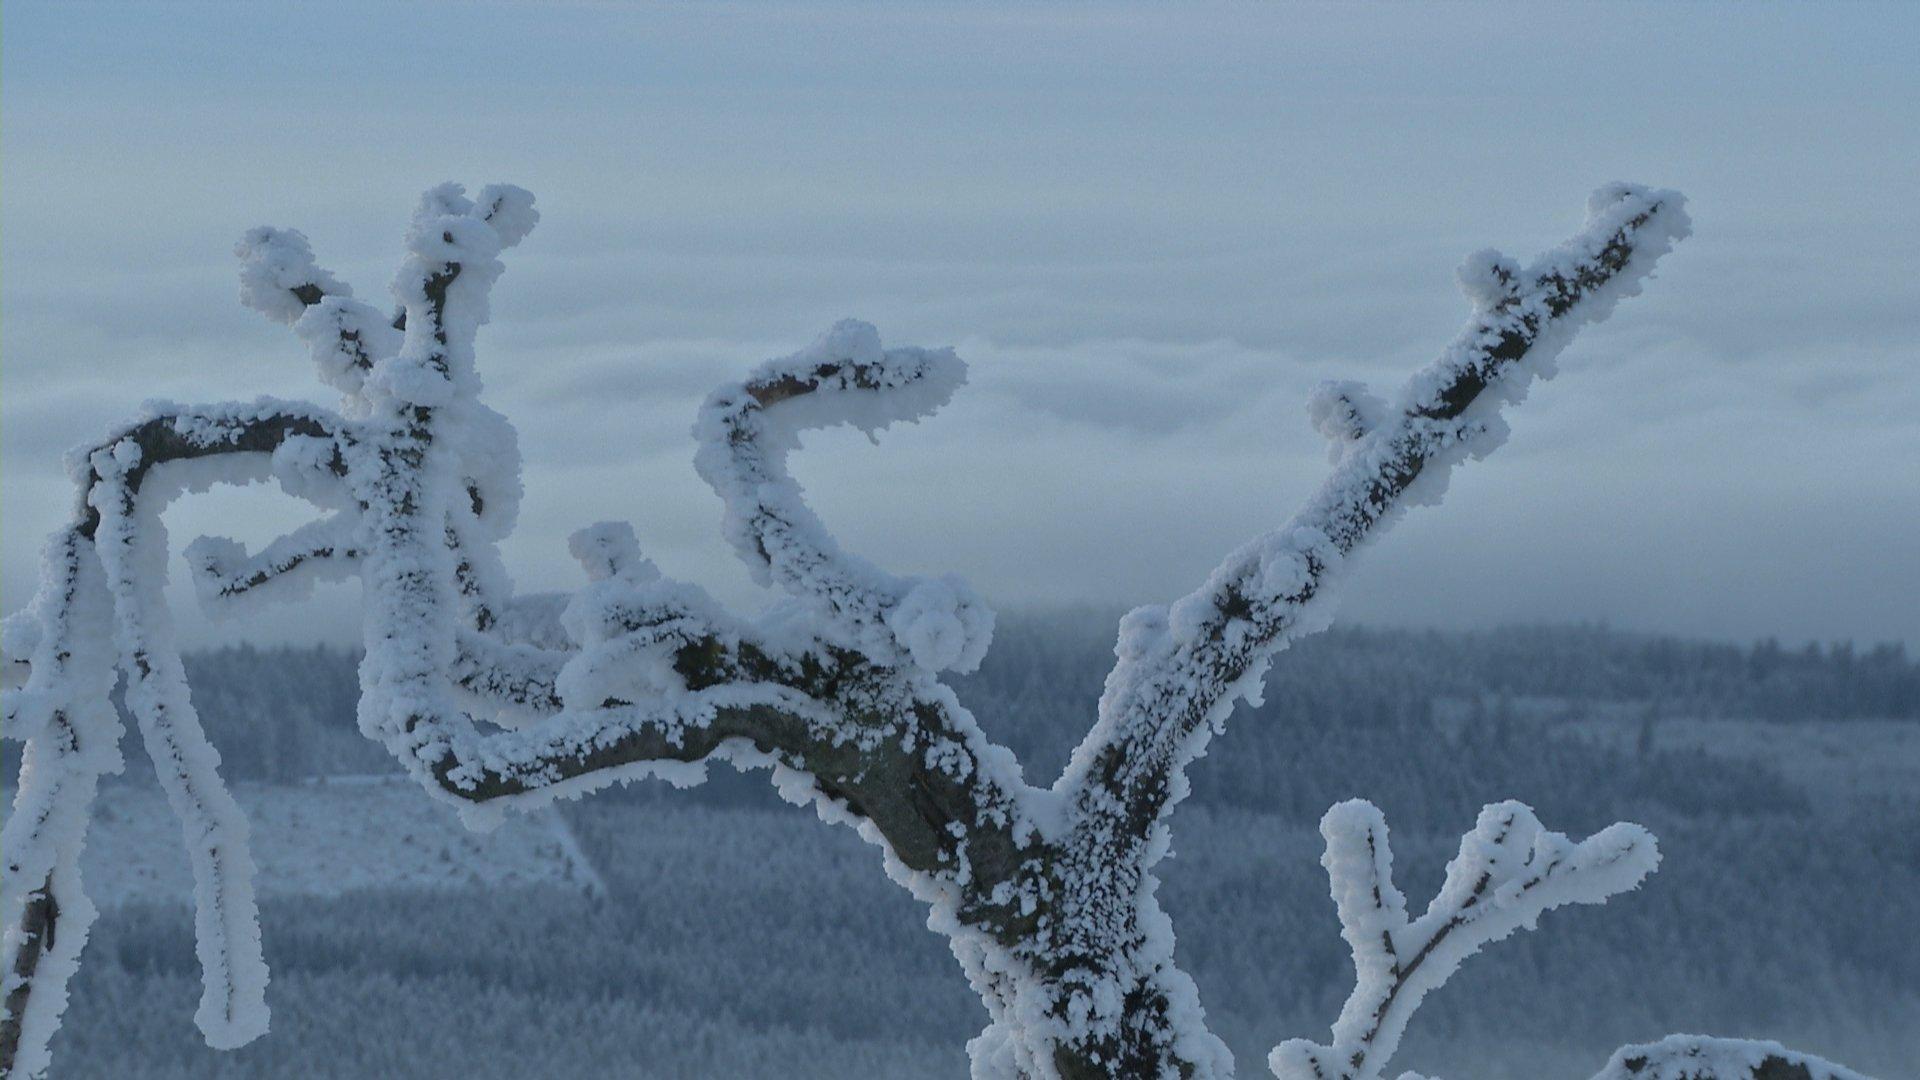 Wäsche trocknen bei Frost?, 2016 - News - Wetter24.de